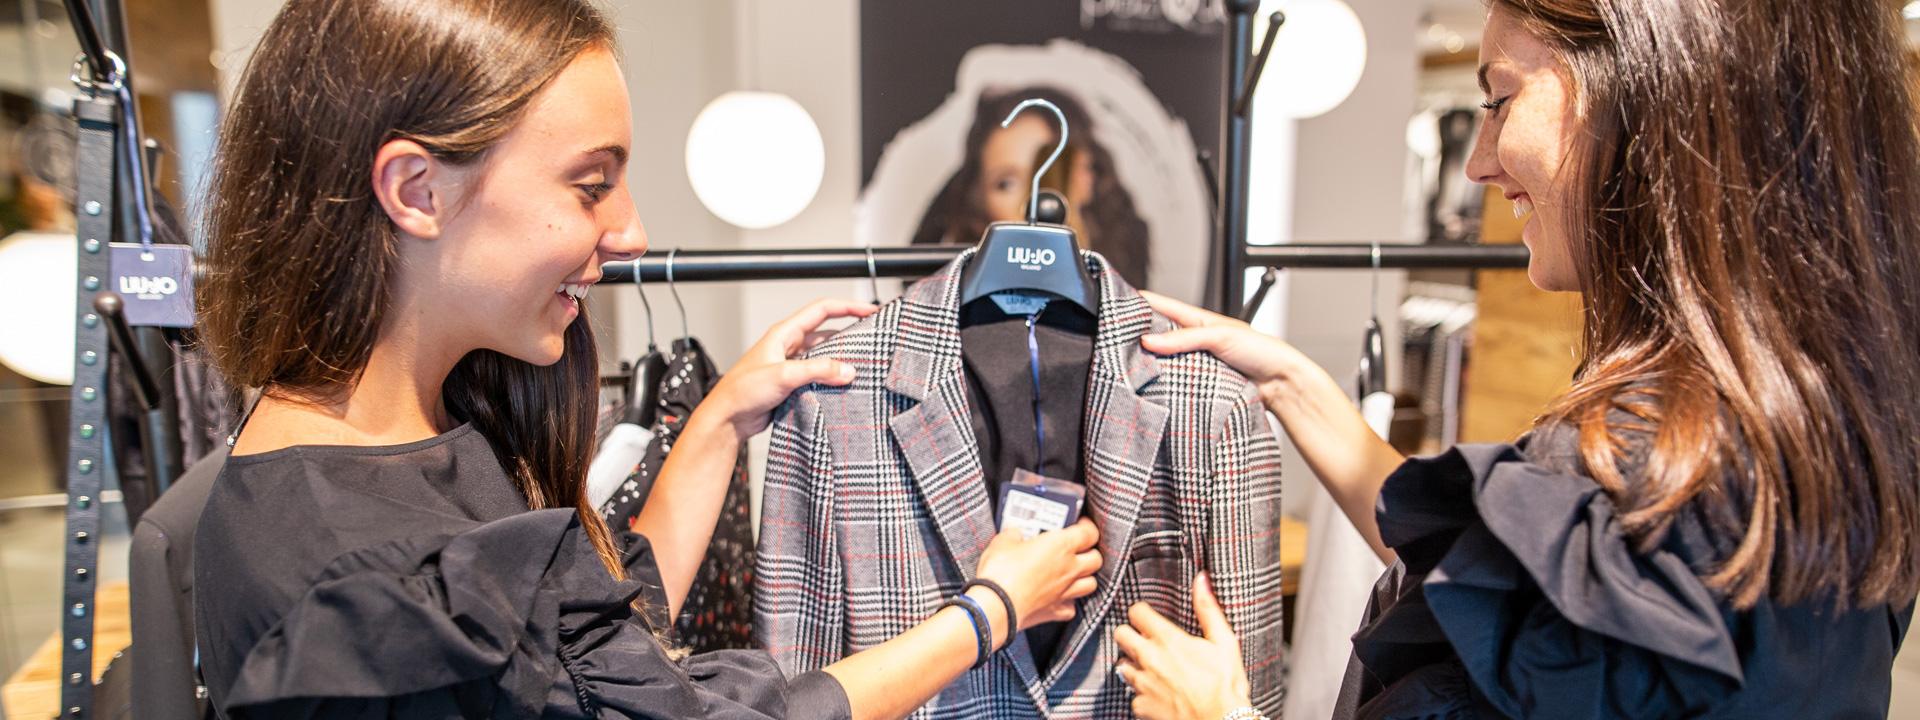 Lo shopping a Livigno nei negozi convenzionati con la Mottolino App